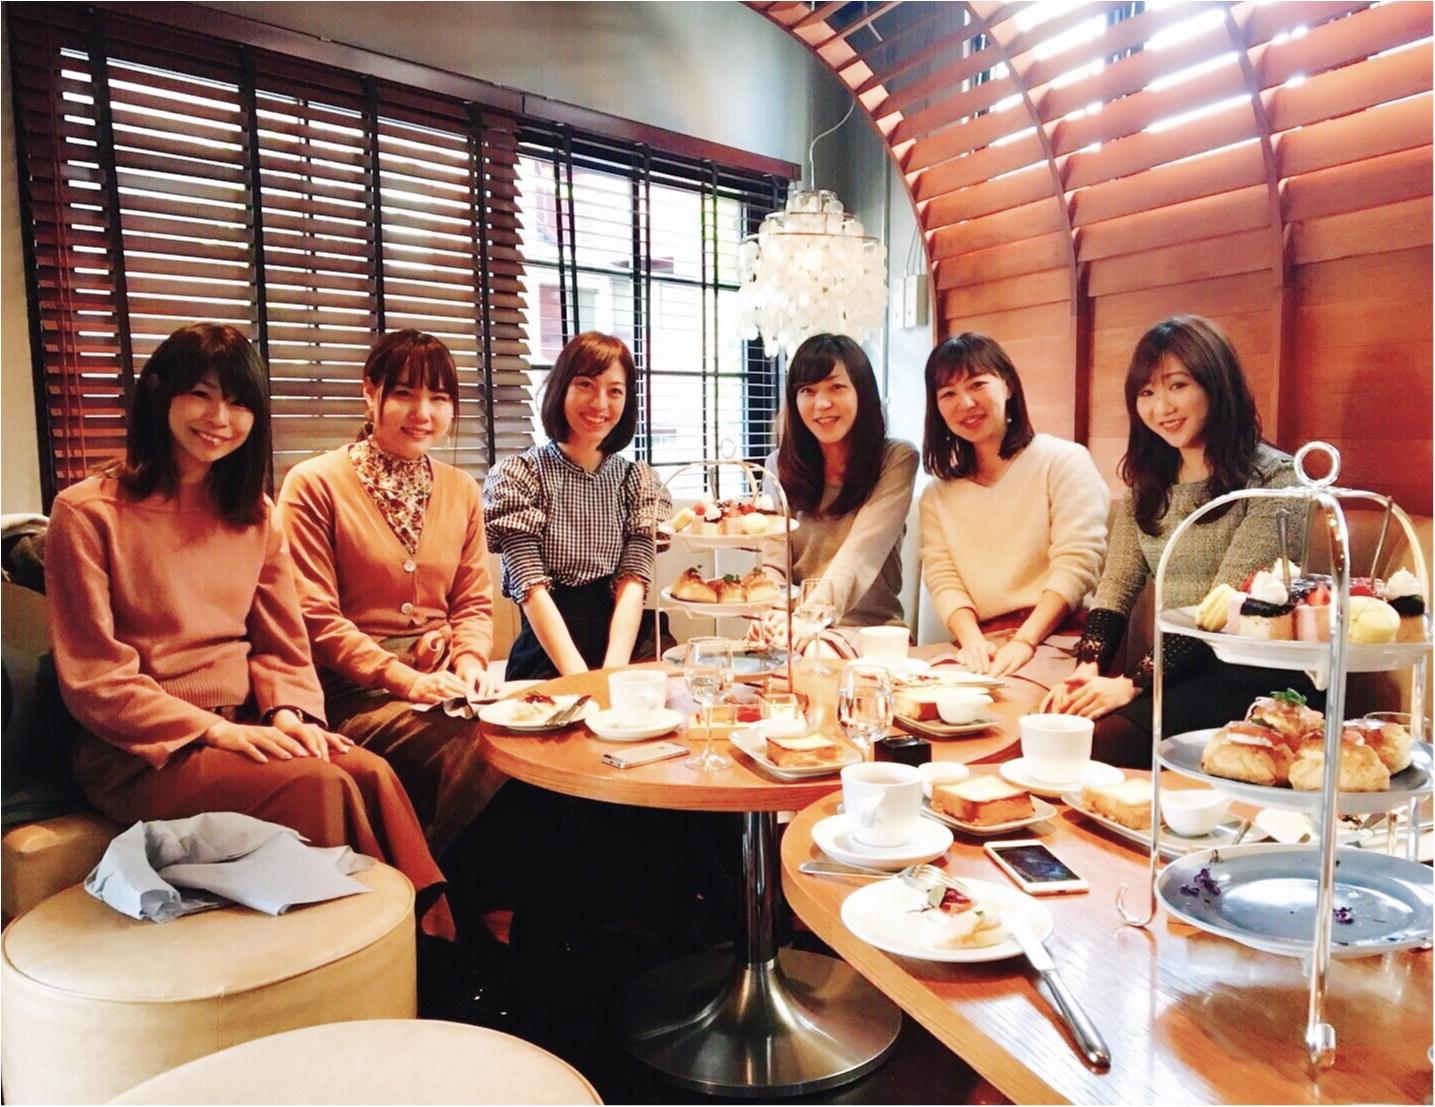 【モアハピ的三ツ星女子会スポット】焼きたてフレンチトーストが美味しい♡ブランチ専門店「M HOUSE」でアフターヌーンティー@東京・恵比寿_3_5